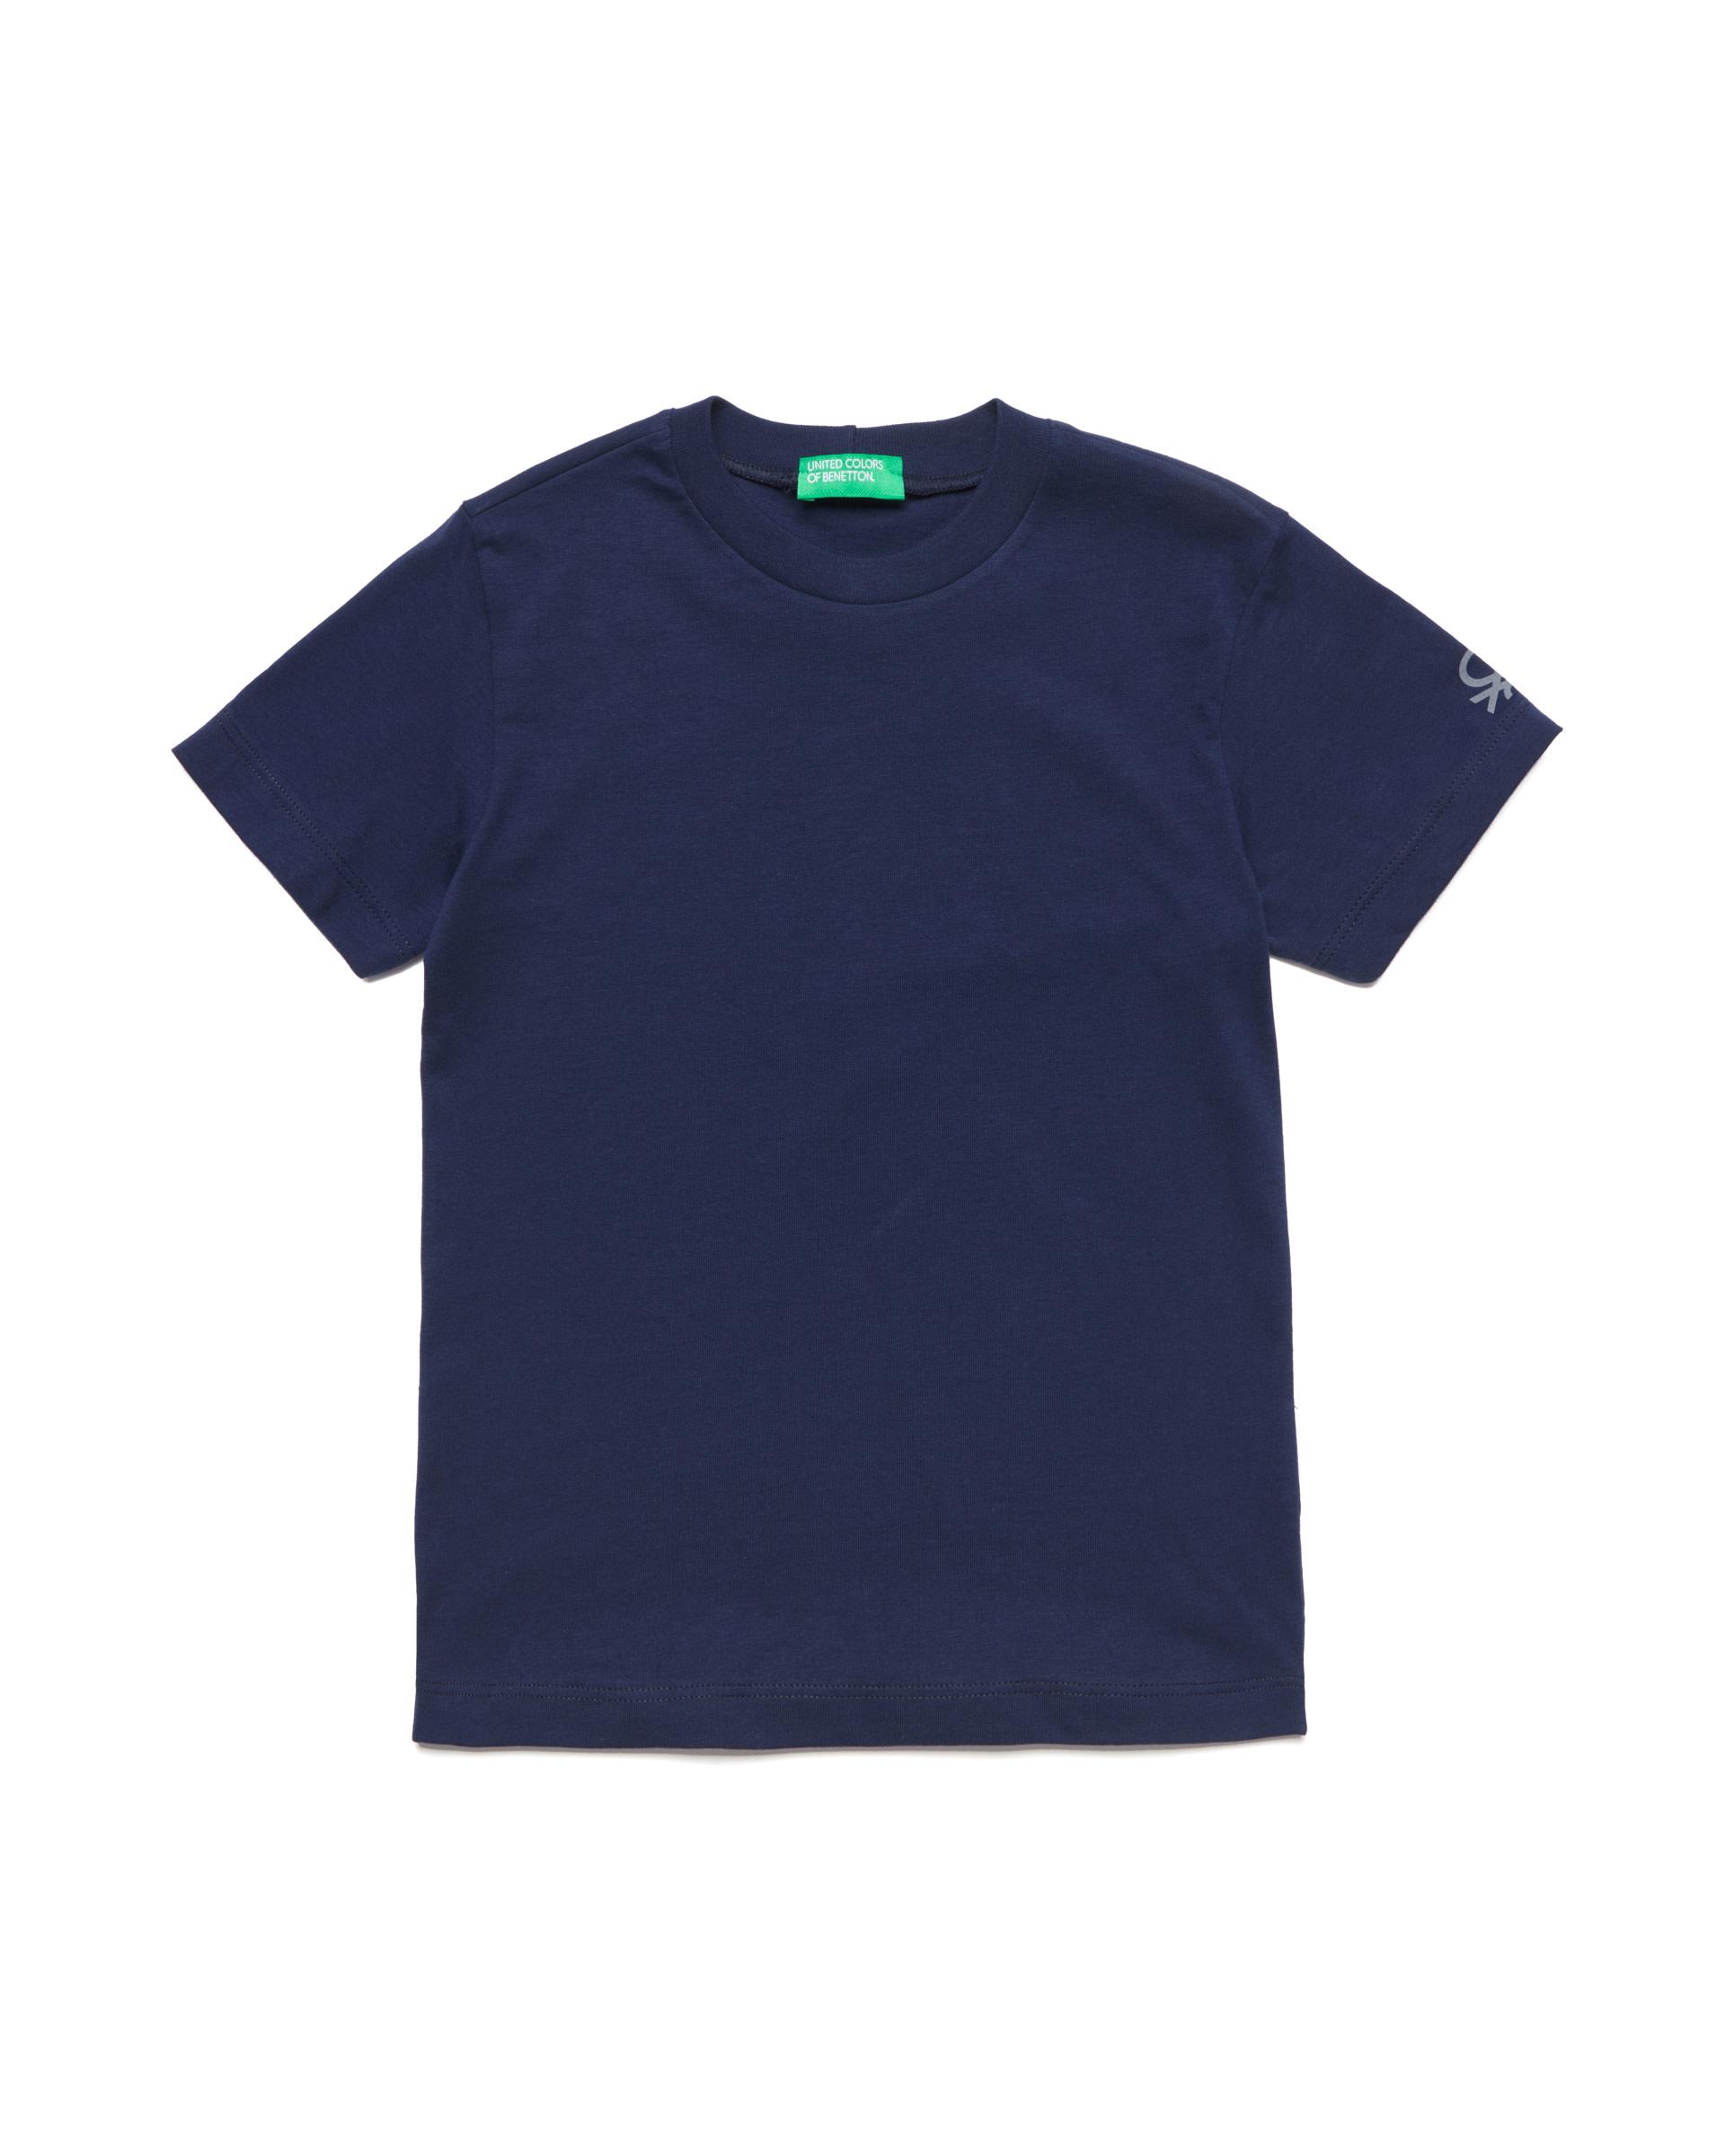 Купить 20P_3I1XC13E1_252, Футболка для мальчиков Benetton 3I1XC13E1_252 р-р 80, United Colors of Benetton, Кофточки, футболки для новорожденных